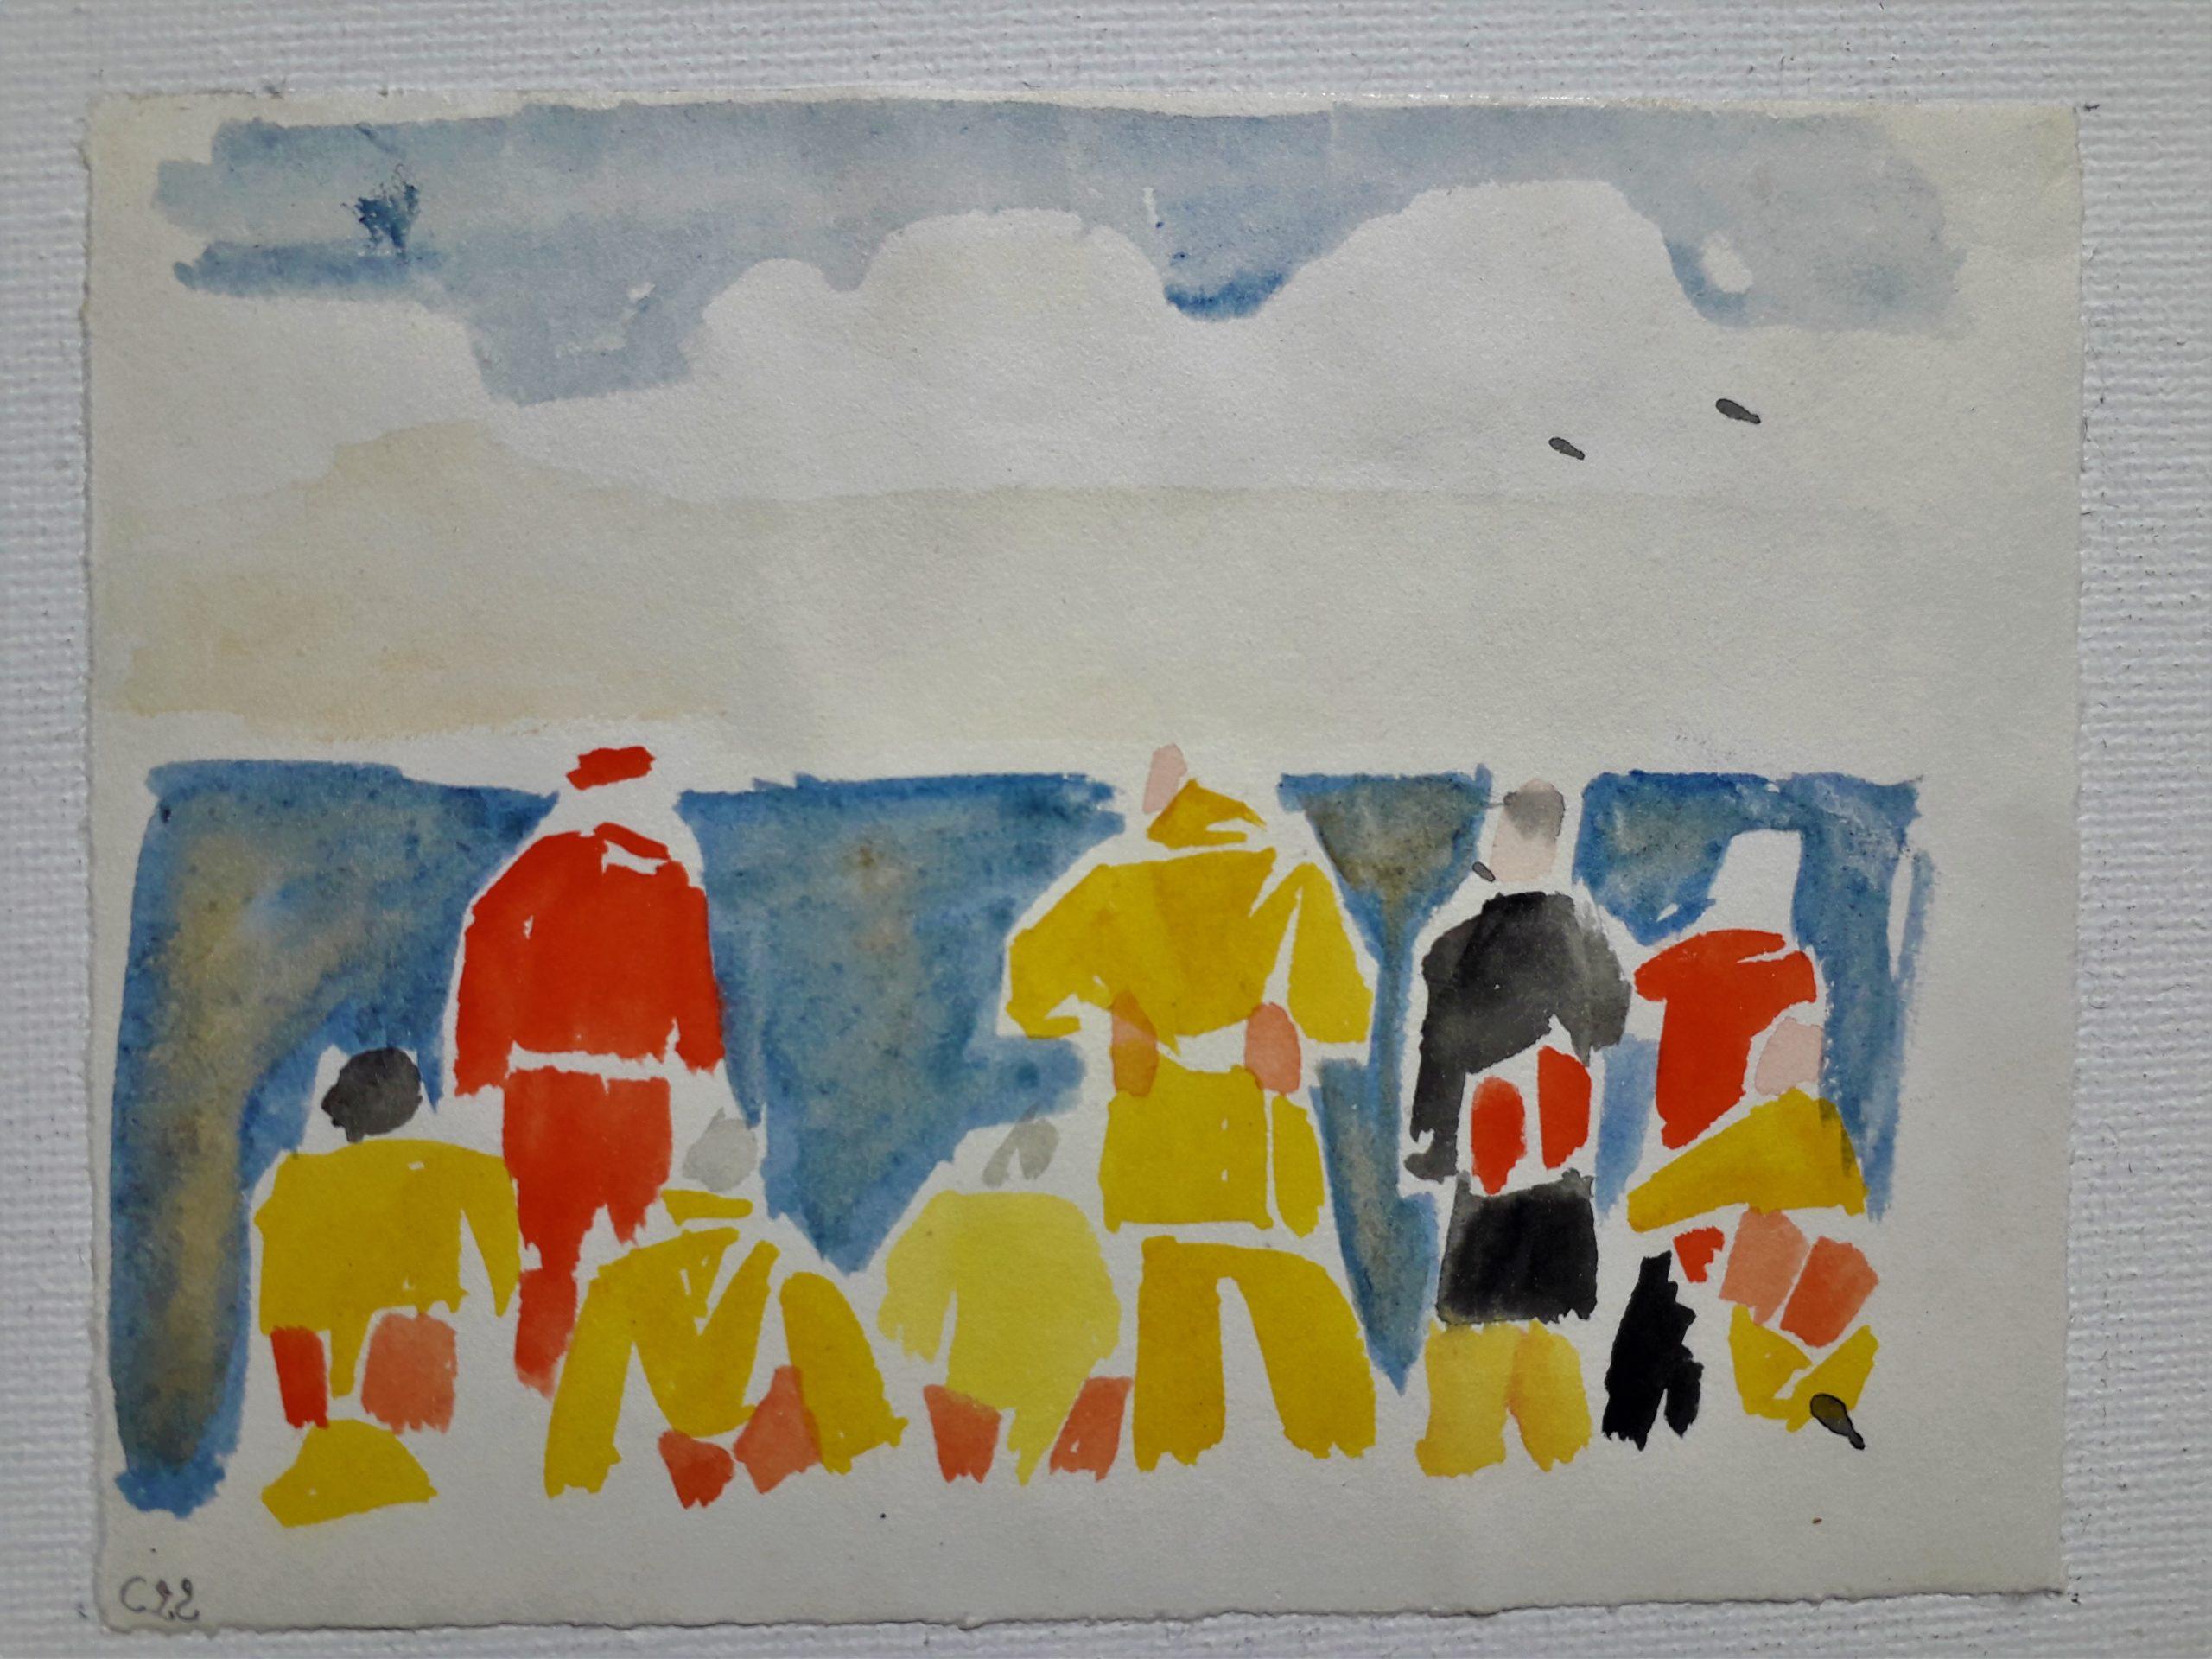 singer-gerard-la-ciotat-chantier-naval-ouvriers-c22